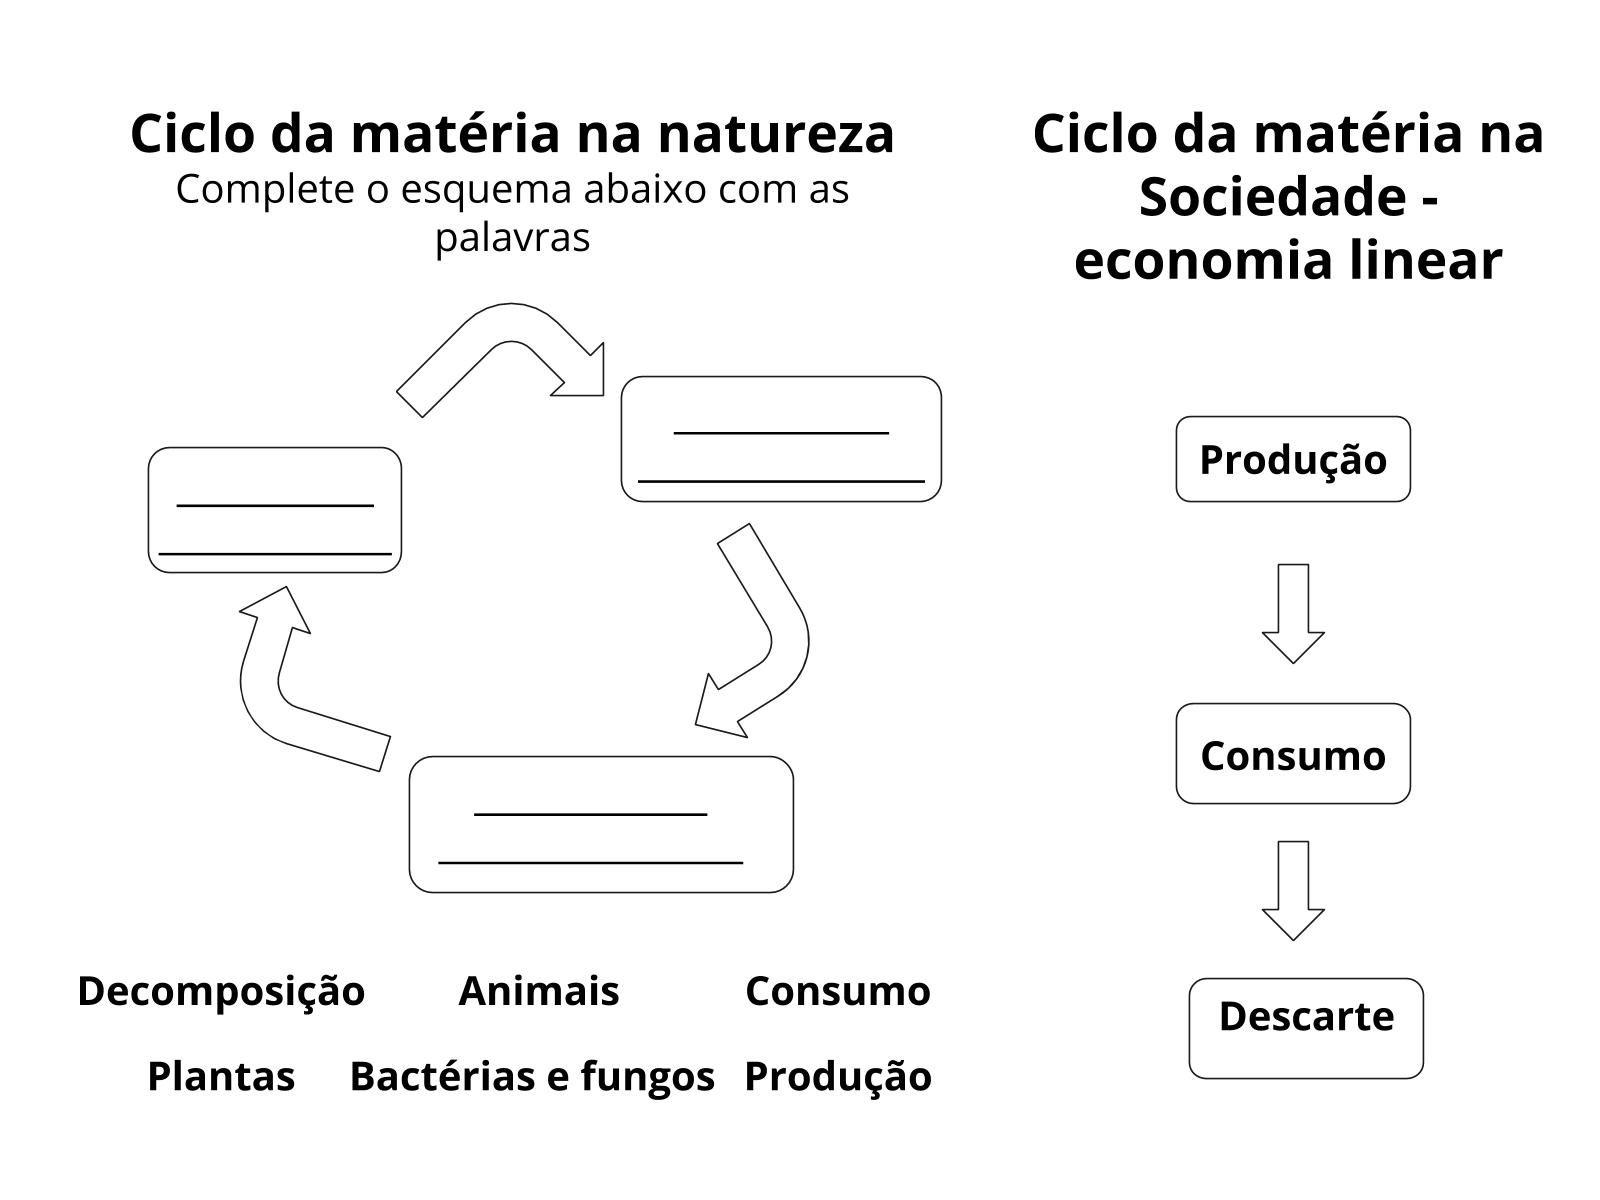 O ciclo da matéria na natureza